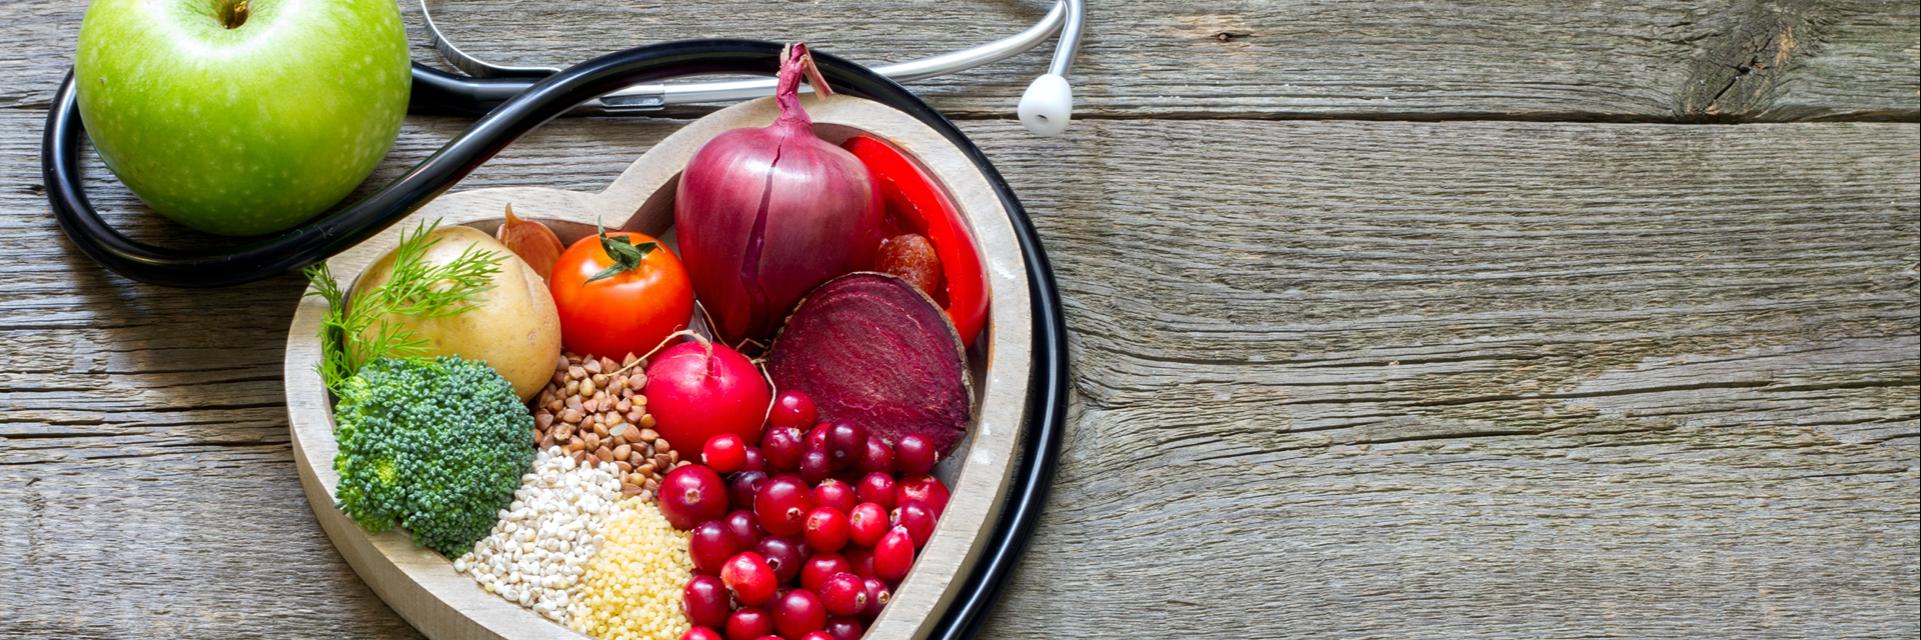 Empfohlene Cholesterin-Diät